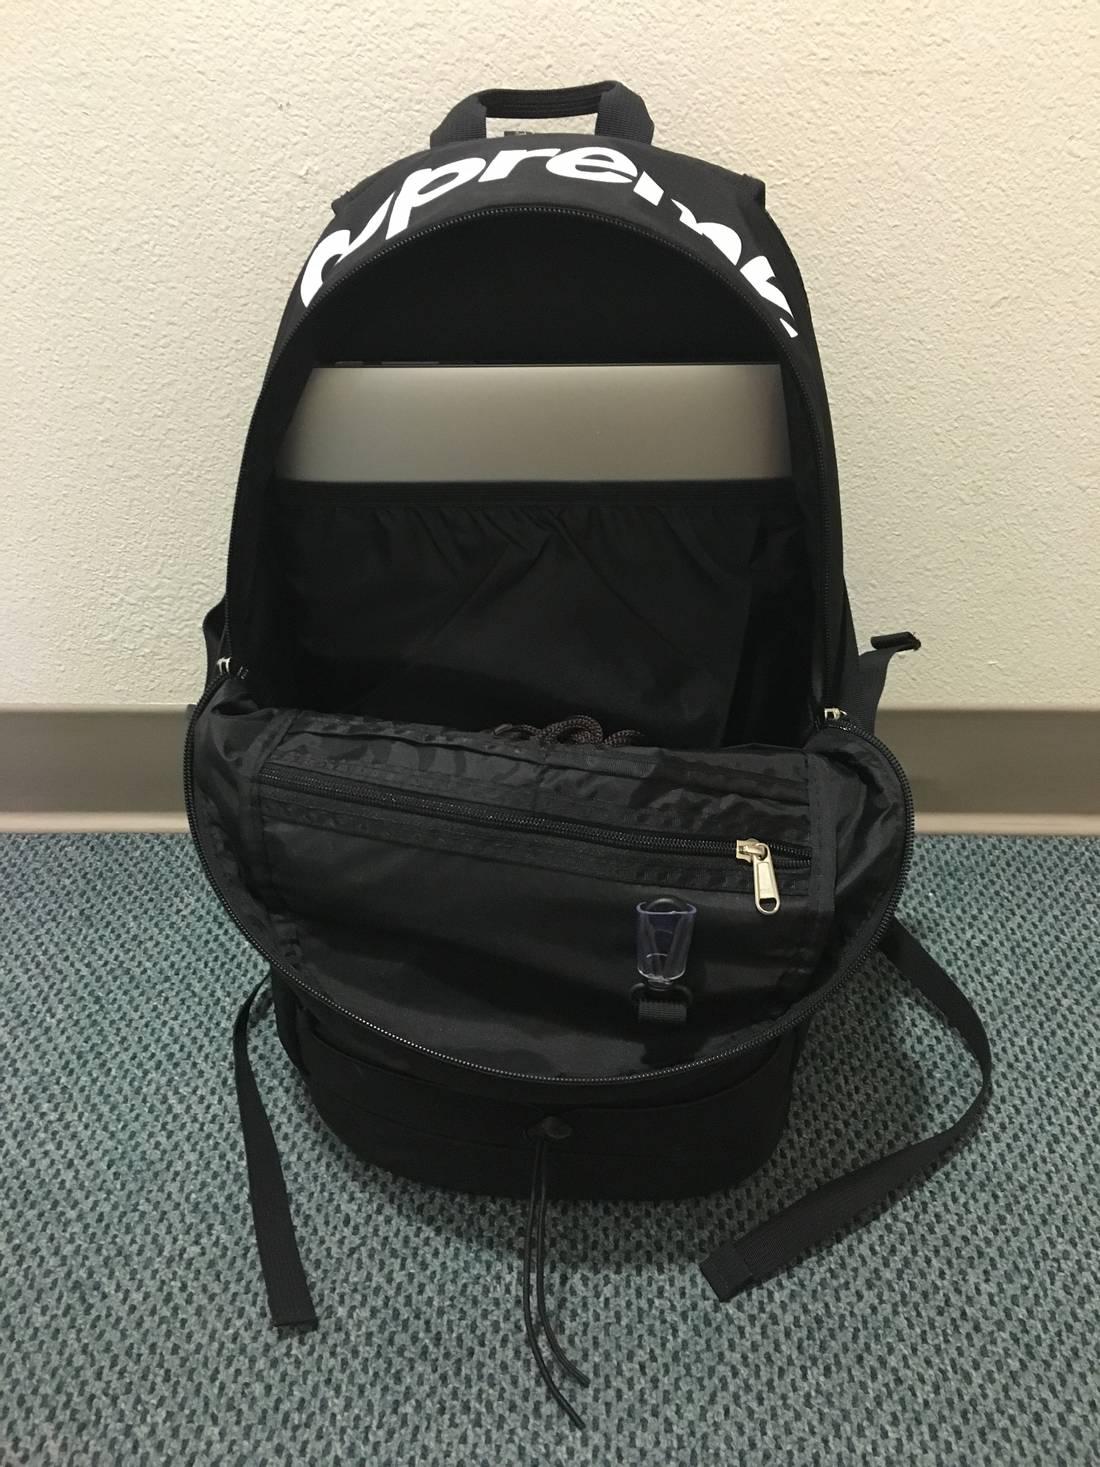 buy online 95023 0af14 Supreme Supreme Backpack Black SS16 210 Denier Cordura Box Logo Size ONE  SIZE ...